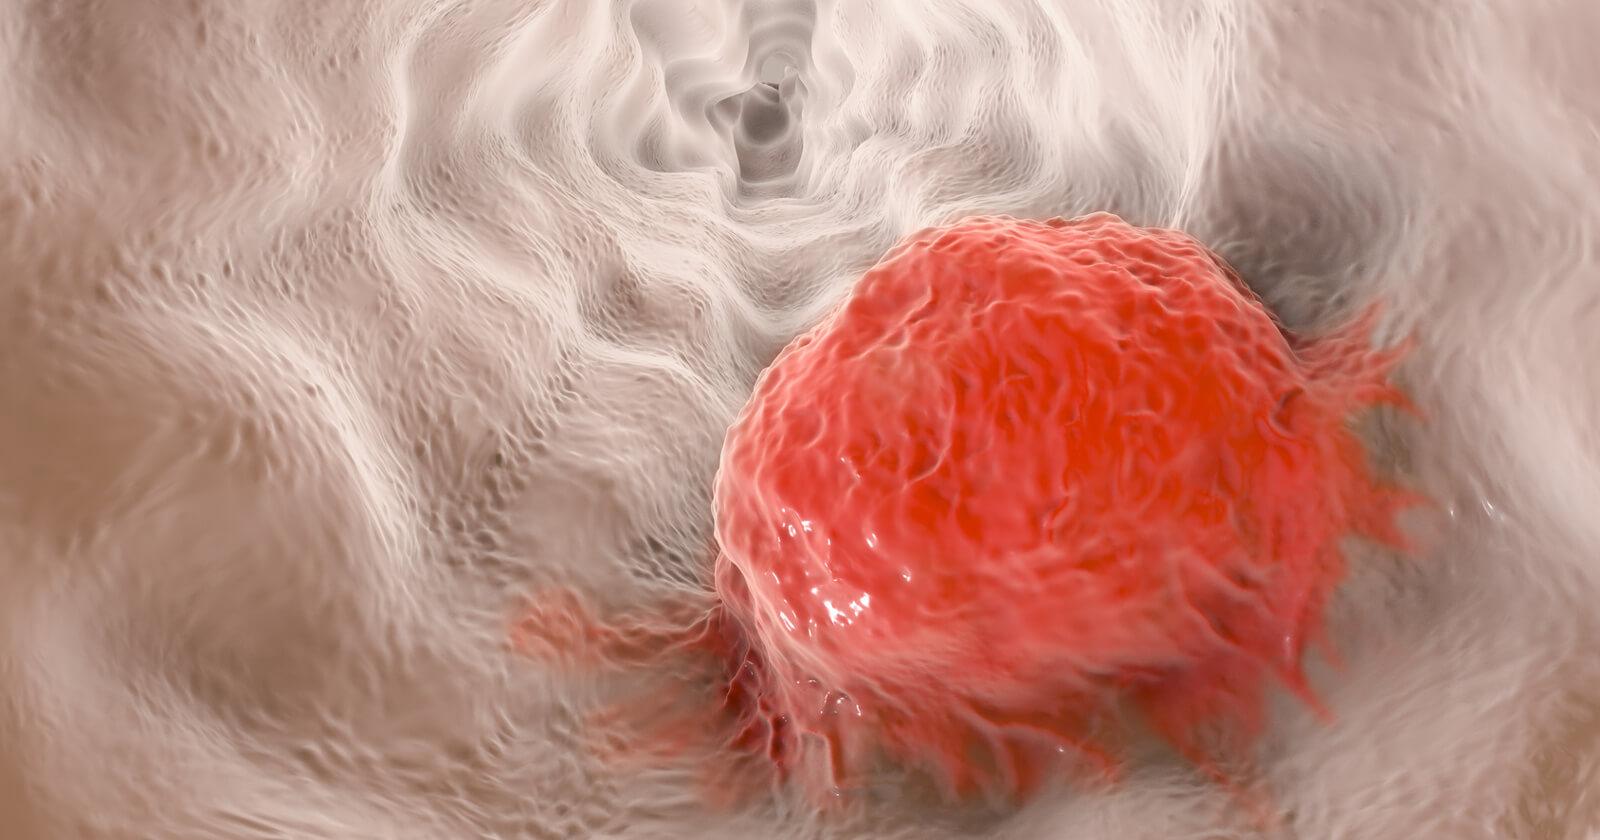 Speiseröhrenkrebs: Symptome, Verlauf & Behandlung | kanyo®